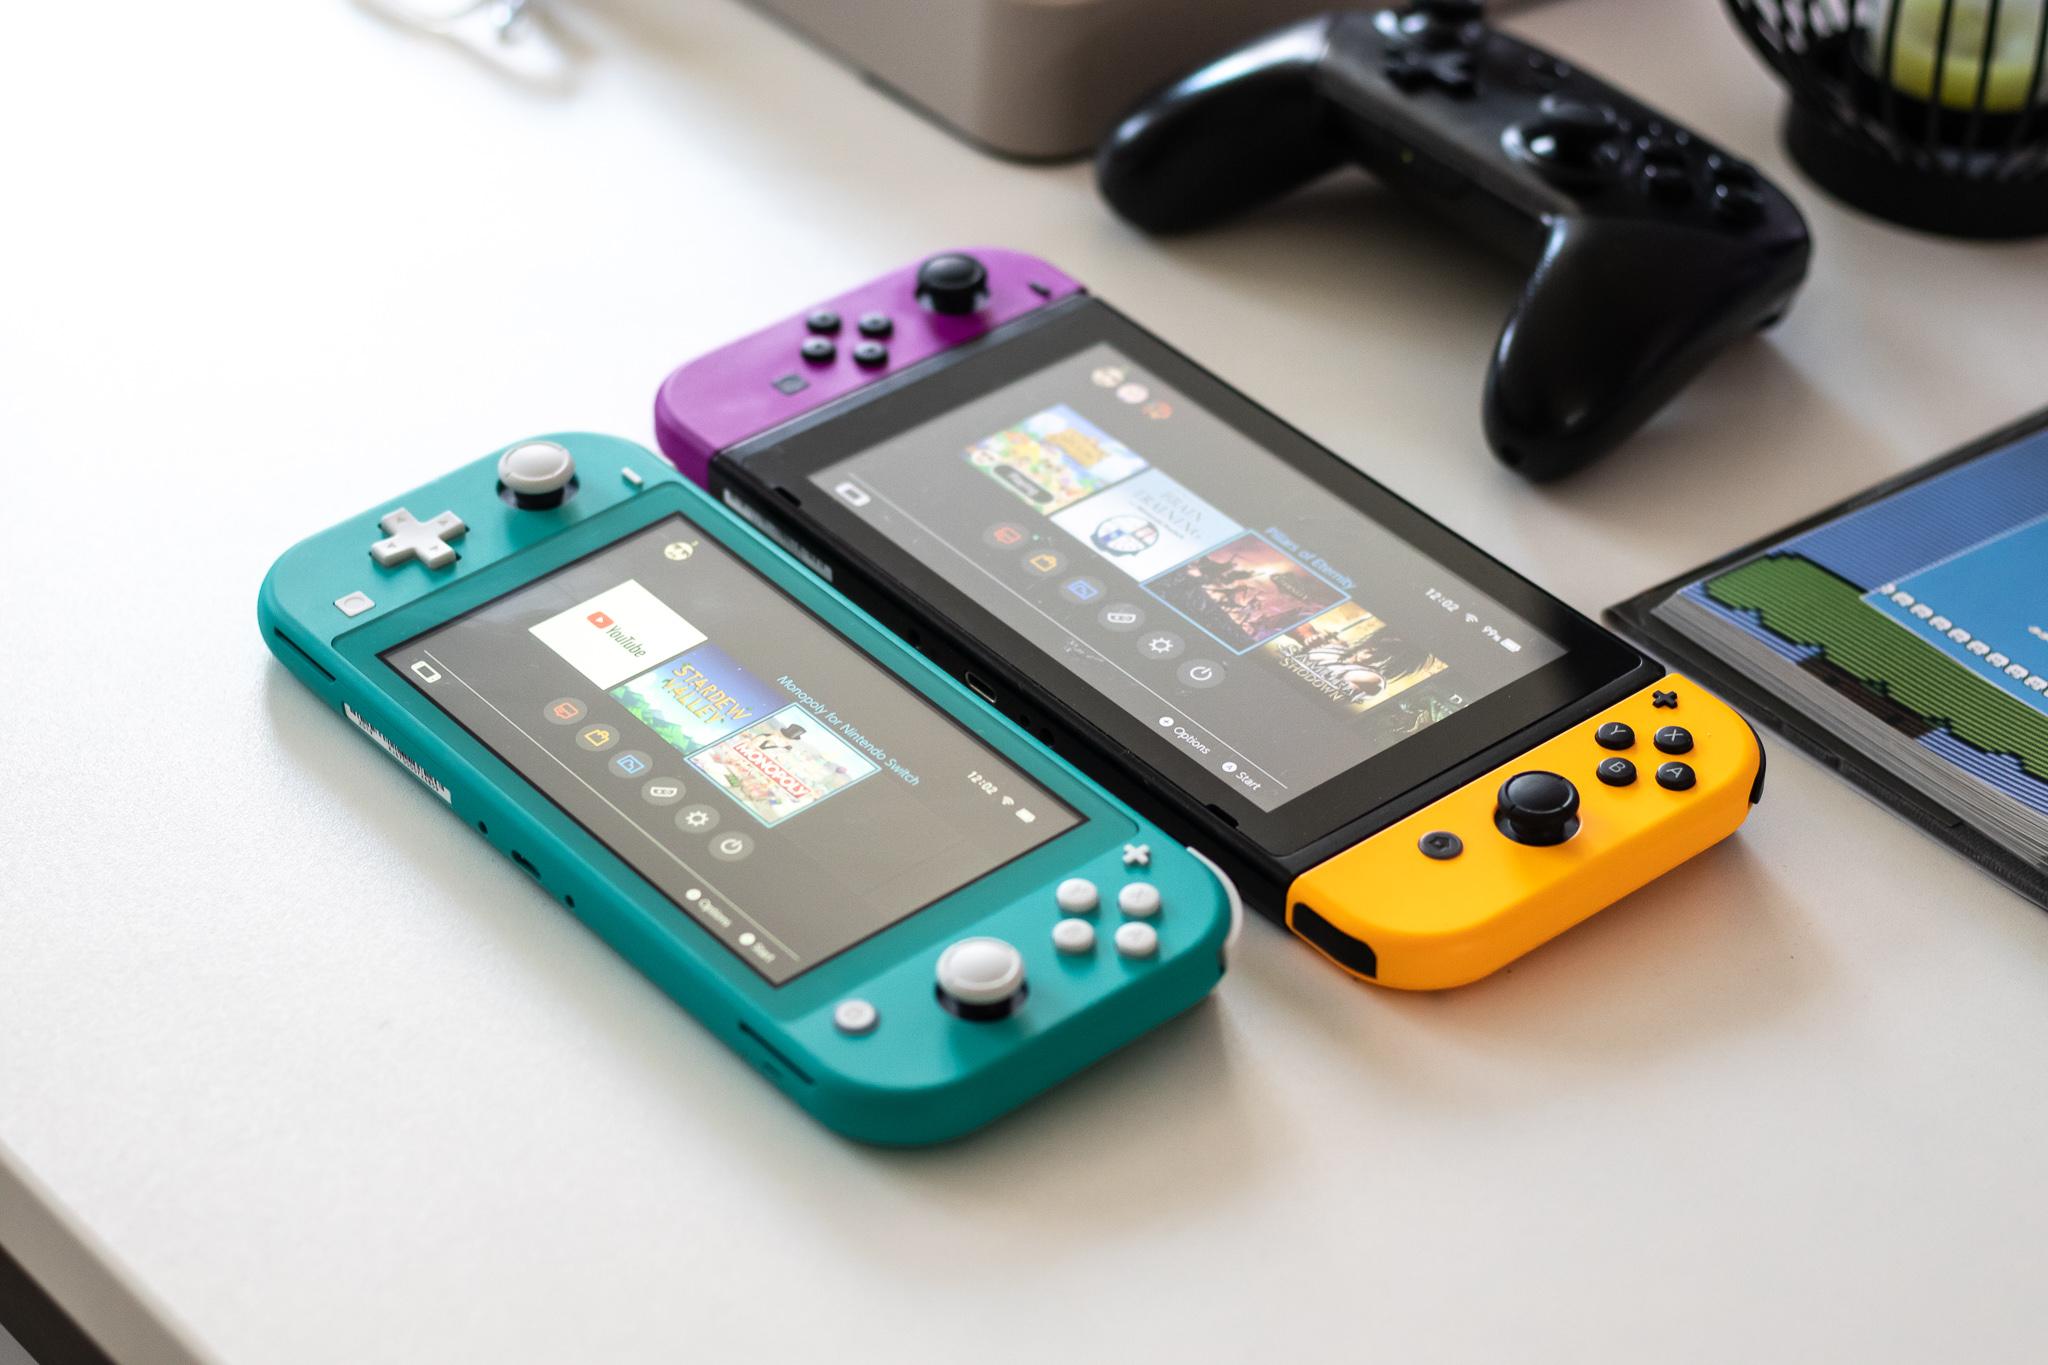 Berritze txikiak eta aldaketa handiak.  Jokoak on Nintendo Switch Pro funtzionatuko da leunki eta moztu gabe